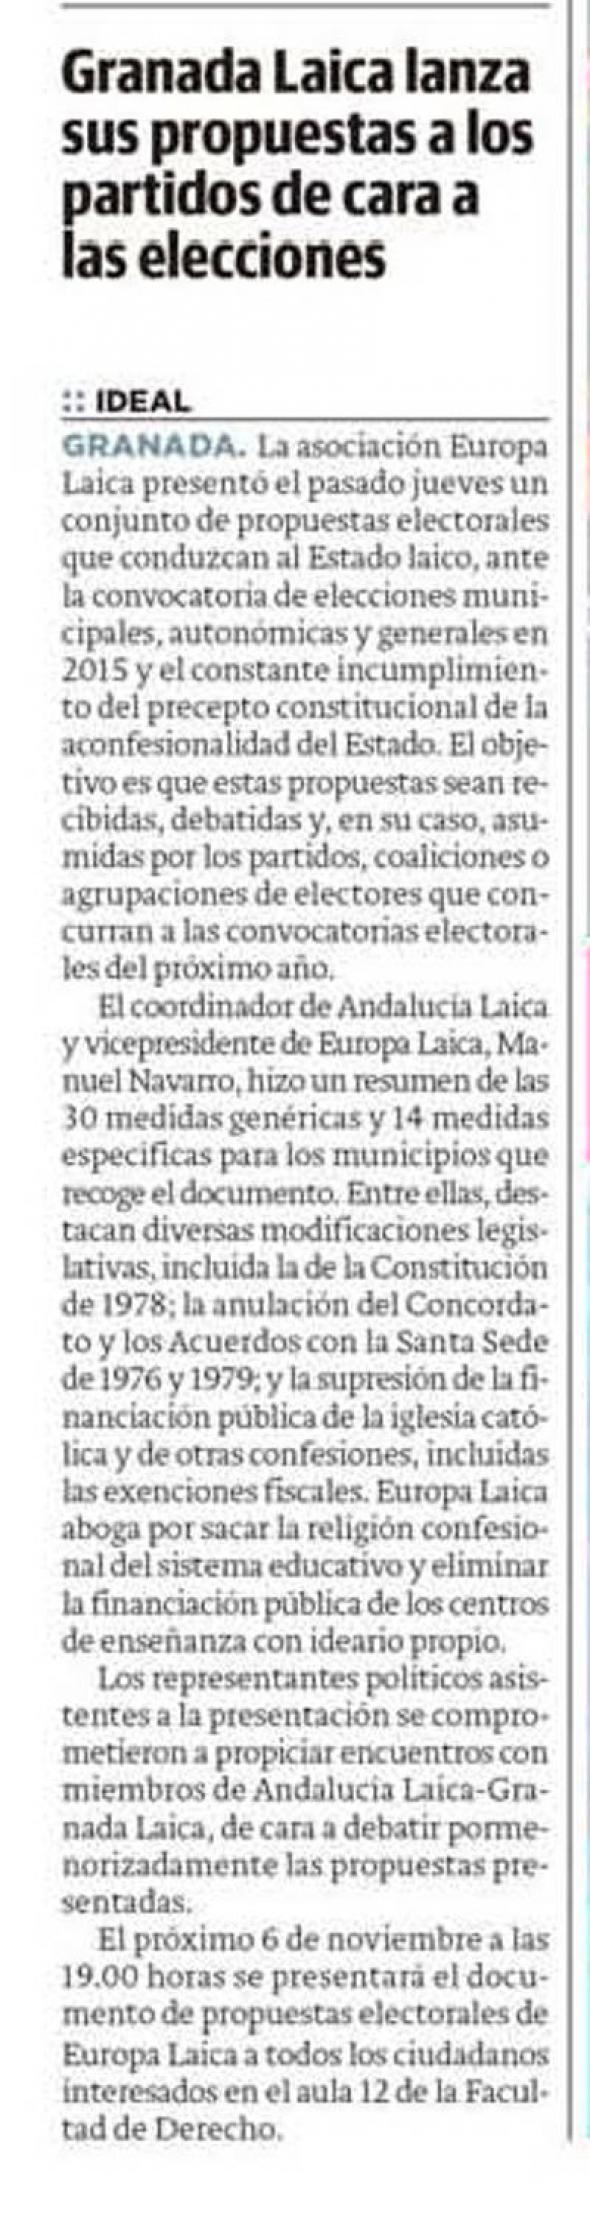 Granada Laica propuestas electorales Ideal